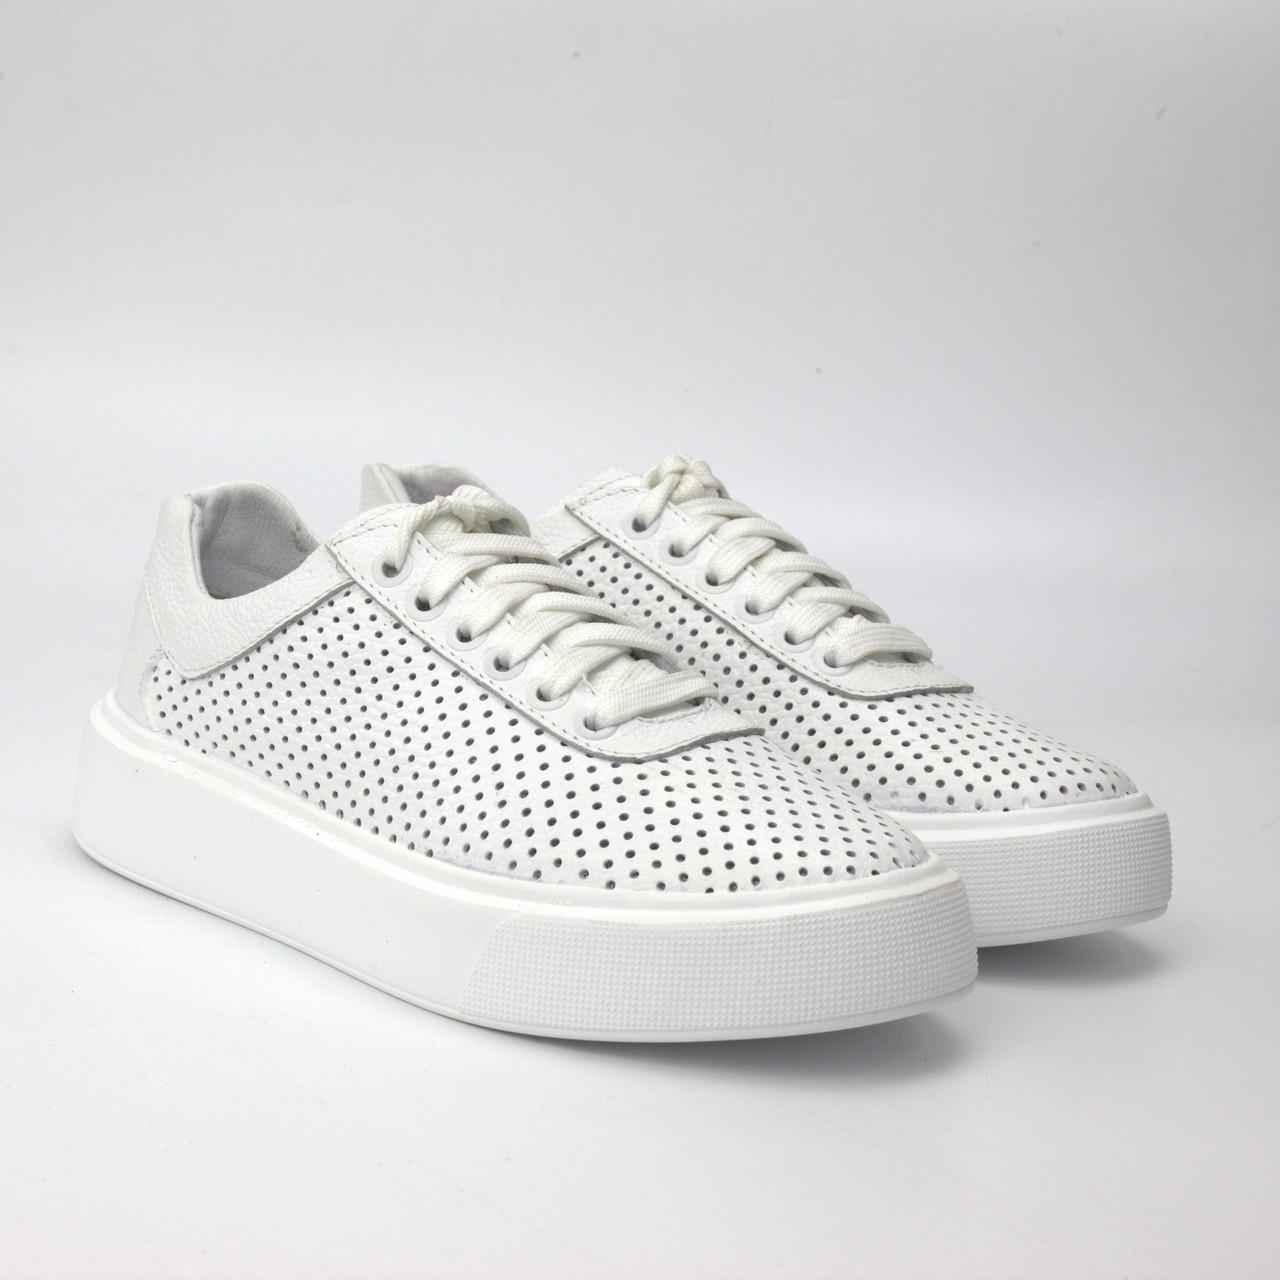 Білі кросівки з перфорацією шкіра жіноче взуття великих розмірів Rosso Avangard Mozza White ALL Perf EVA BS